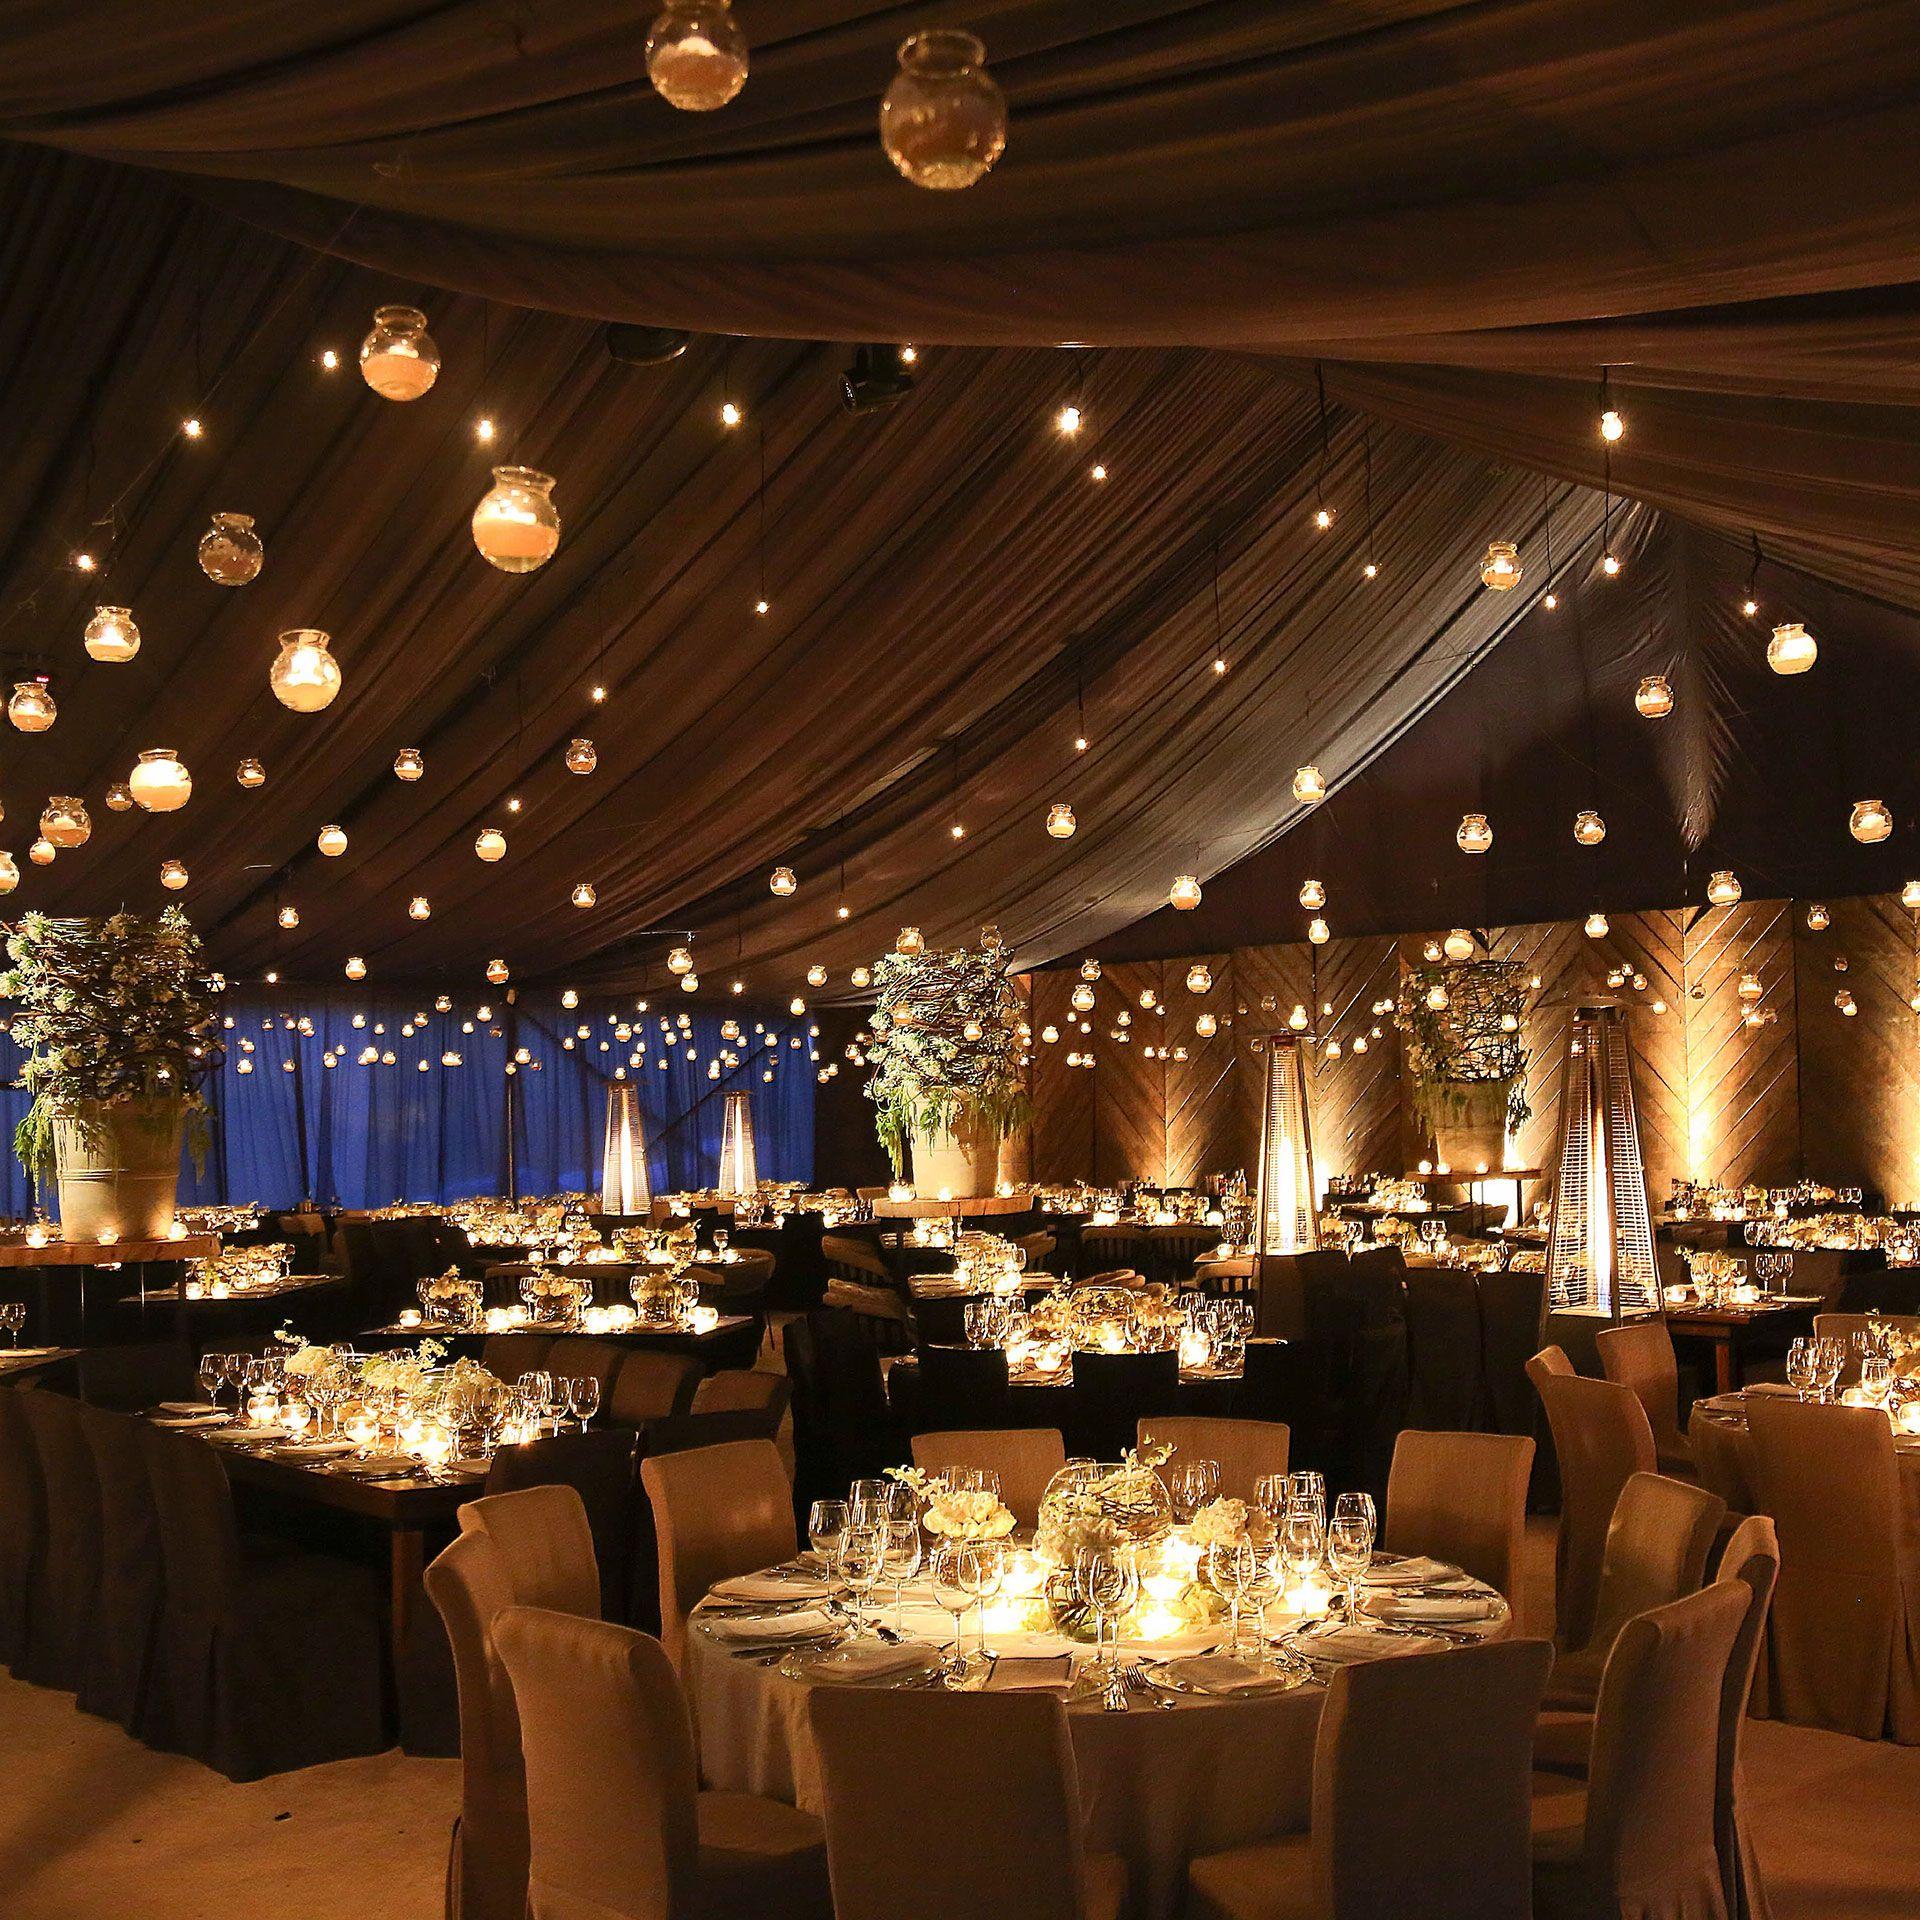 Wedding reception decoration ideas with lights  Detalle de luces en techo Decoracion de mesas sencilla Peter de